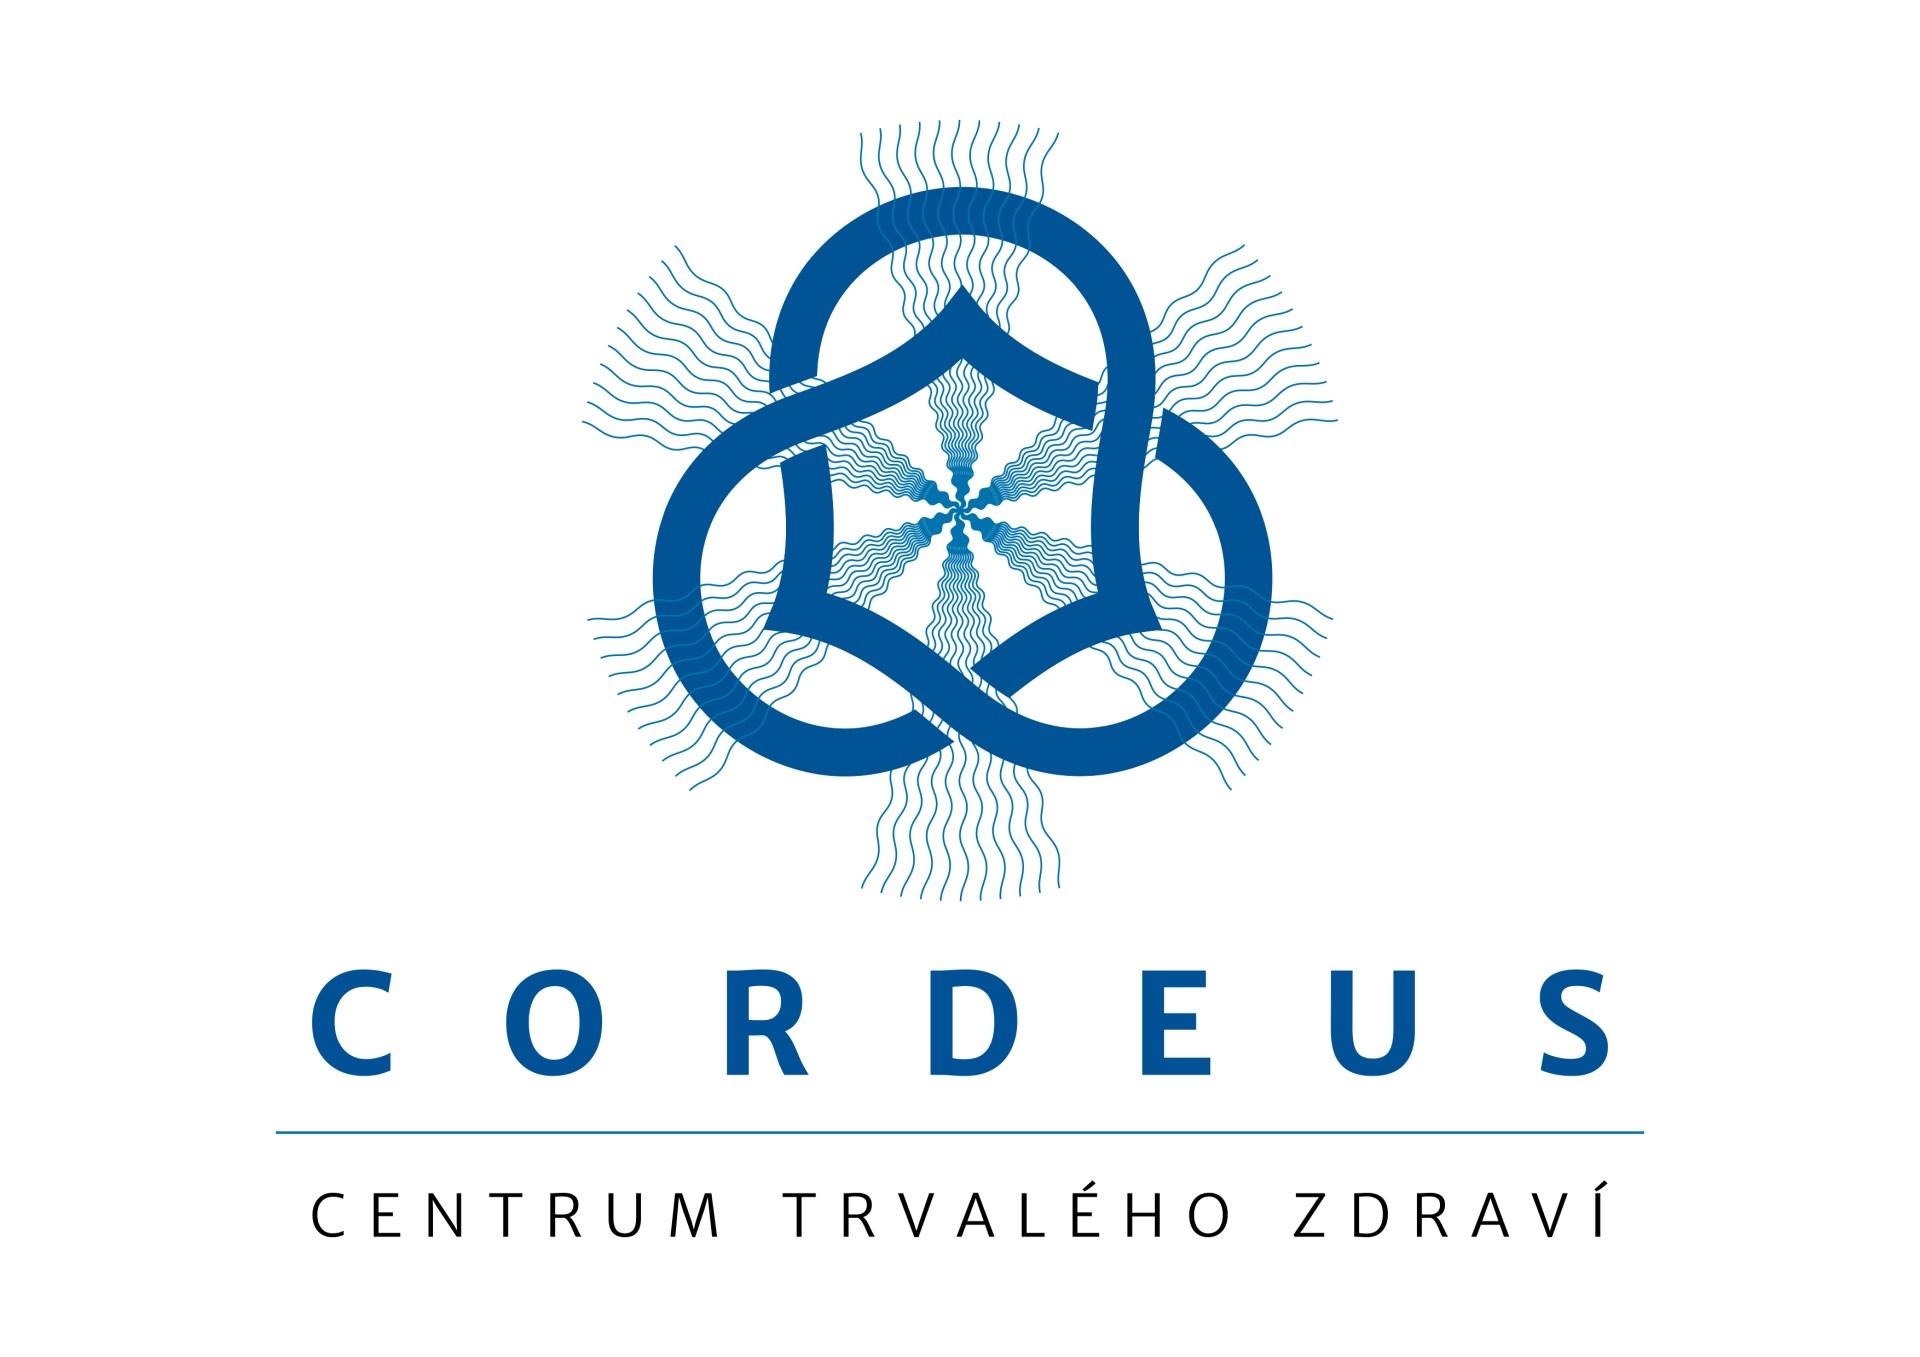 Cordeus